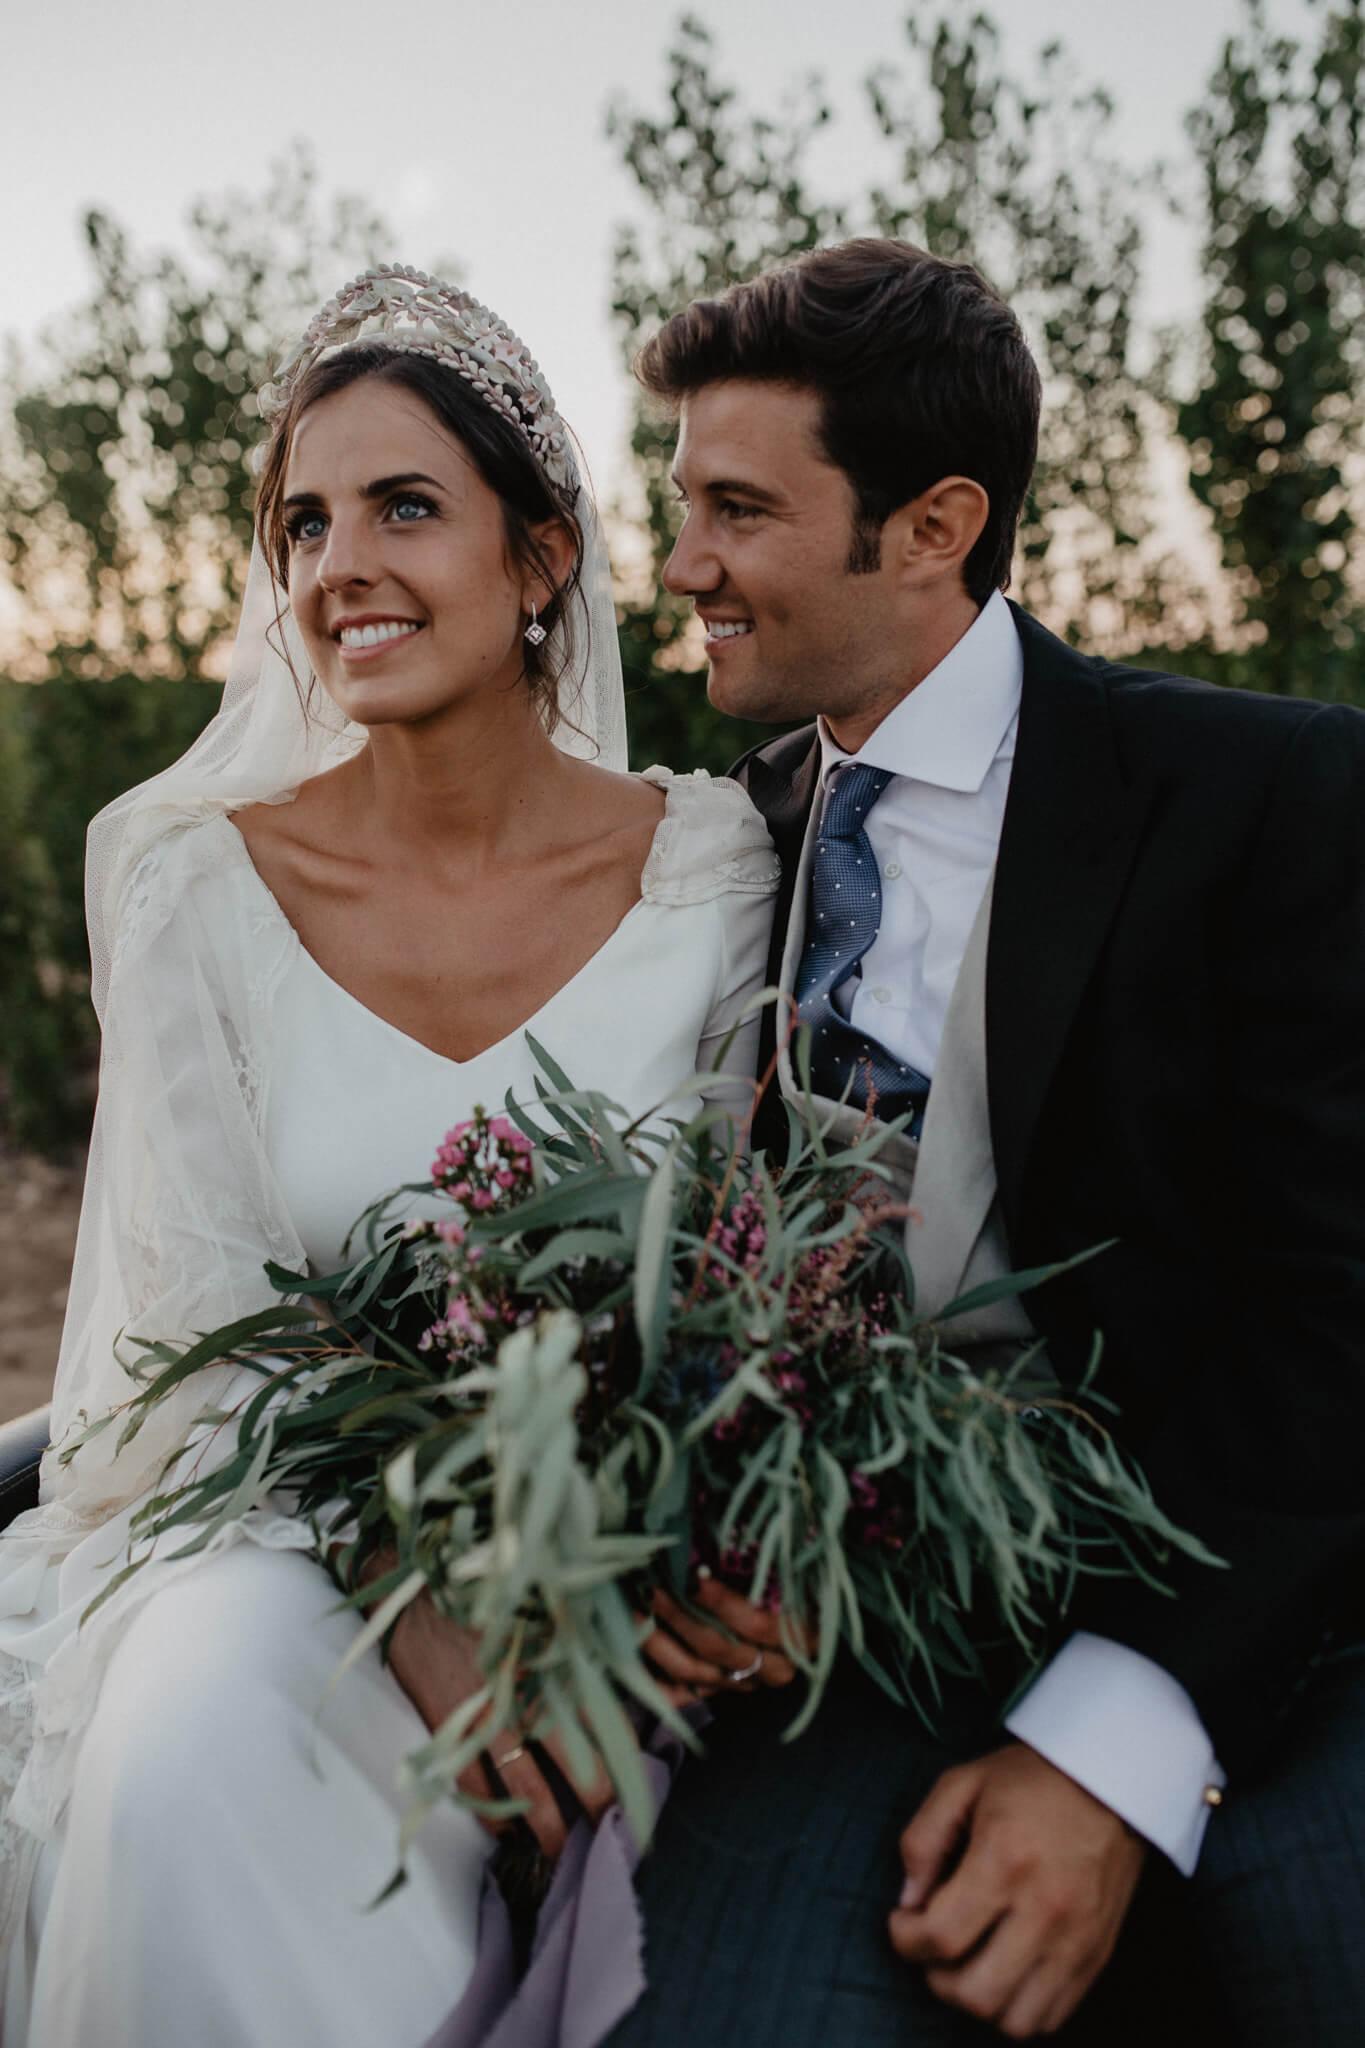 fotografia-boda-marta-carlos-concorazon-95